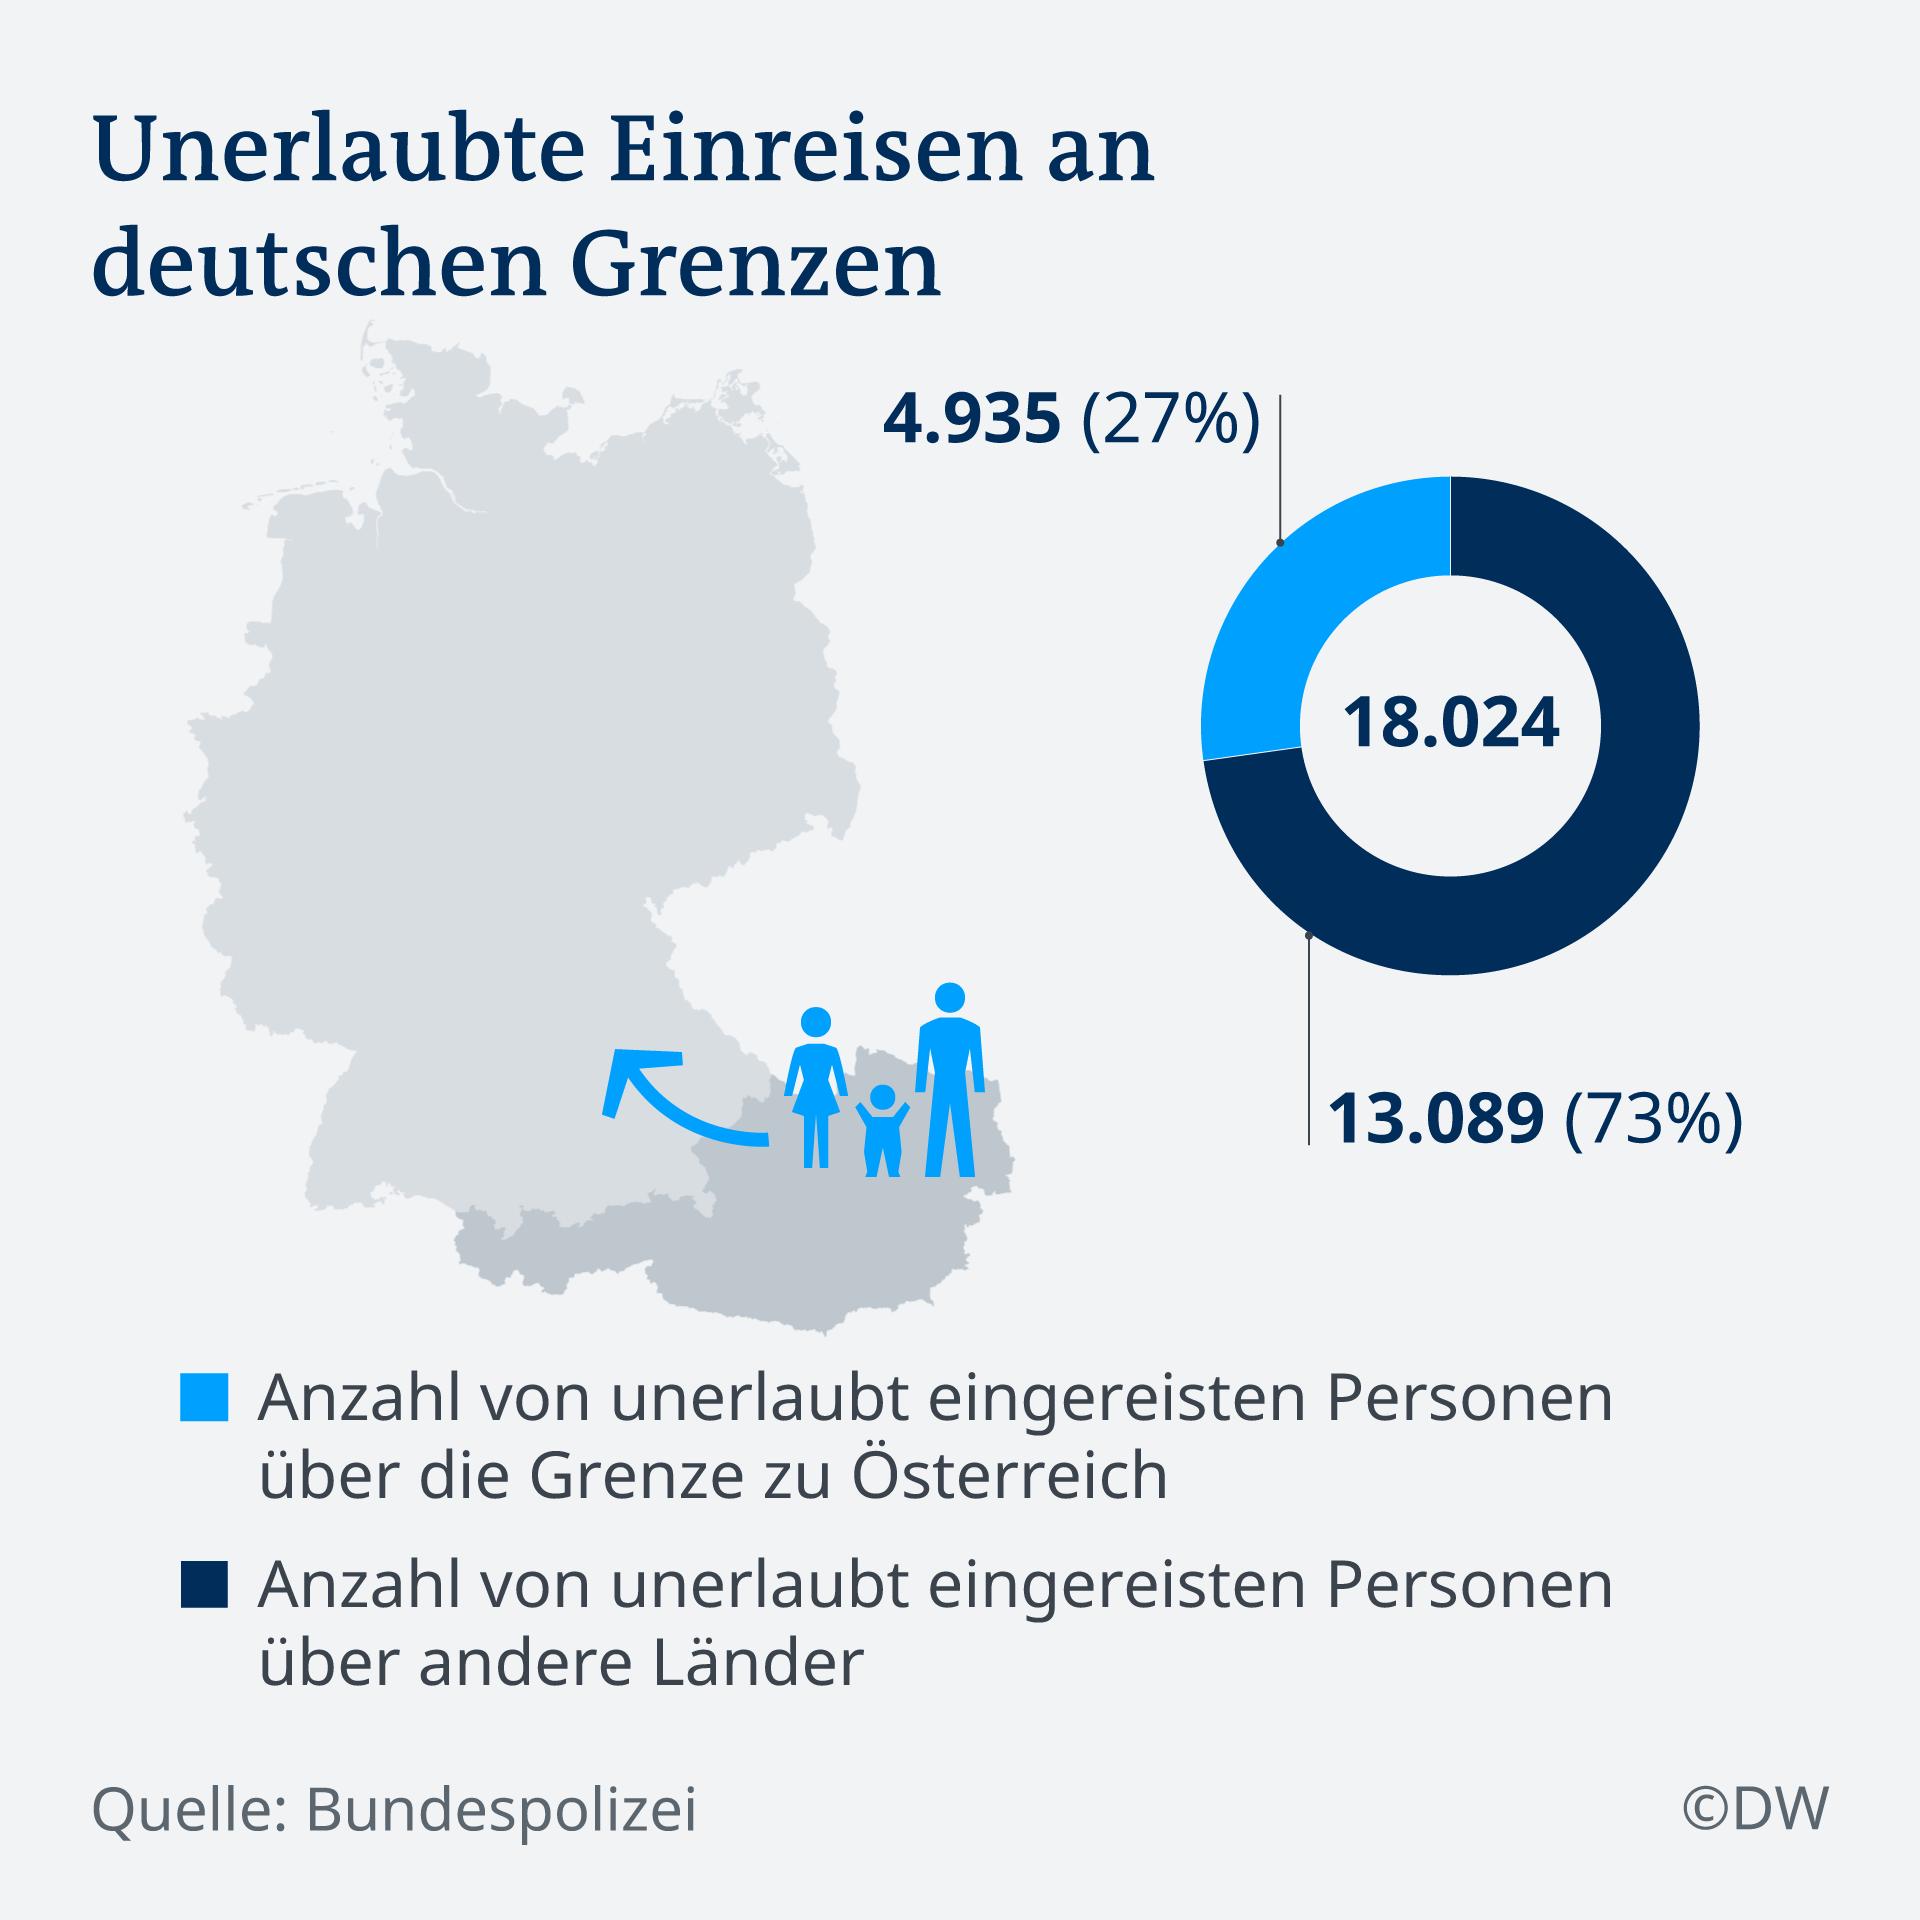 Infografik Unerlaubte Einreisen an deutschen Grenzen DE